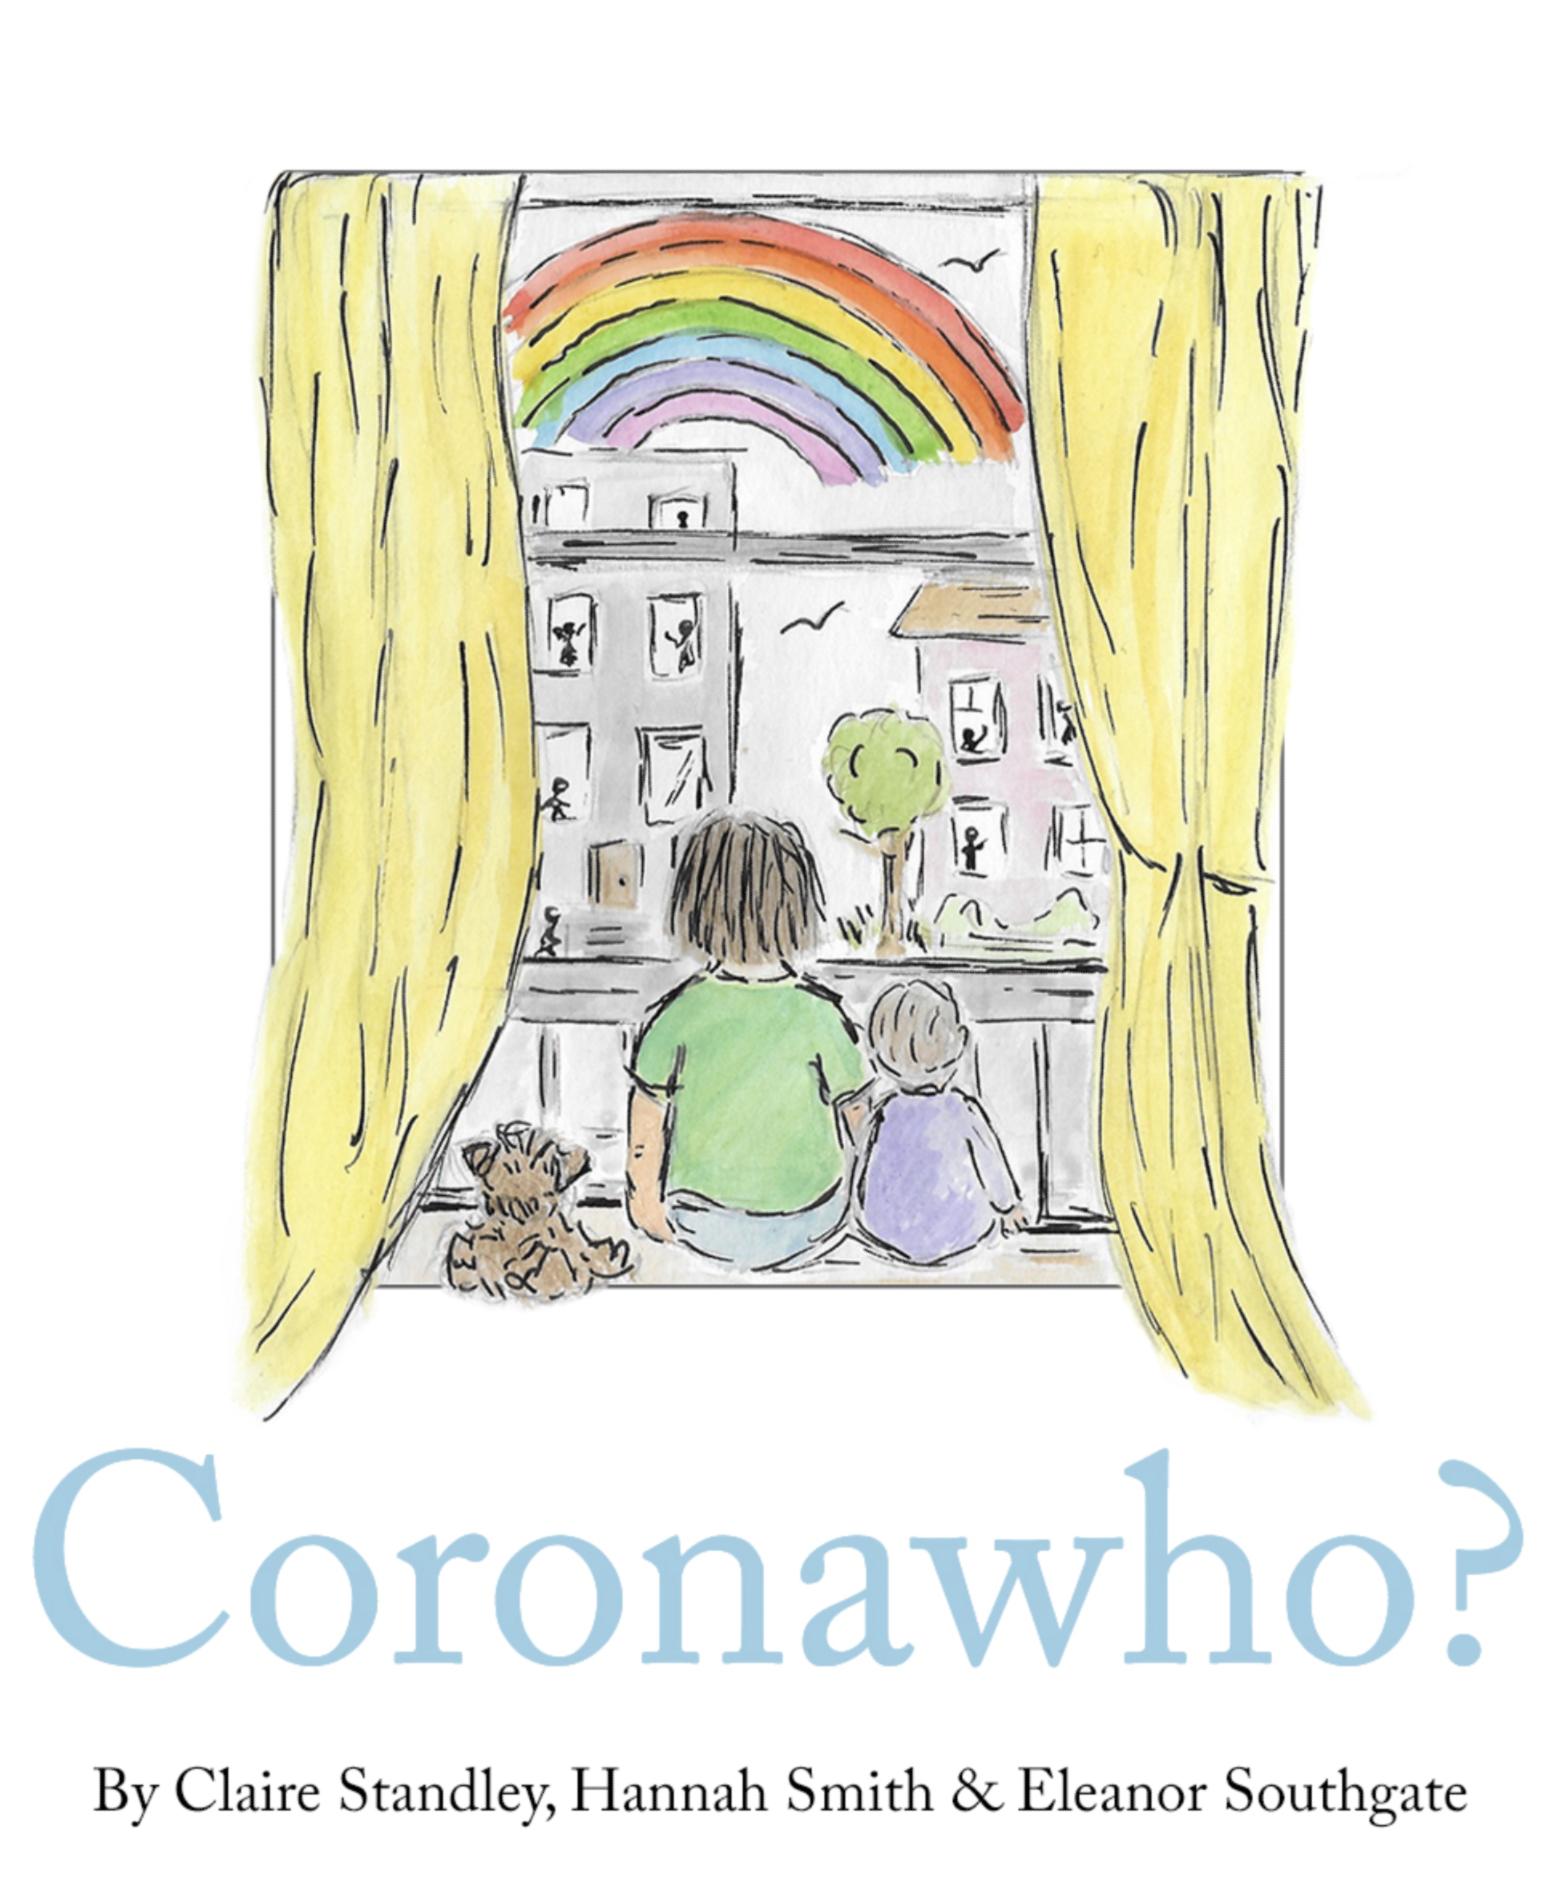 Coronawho?